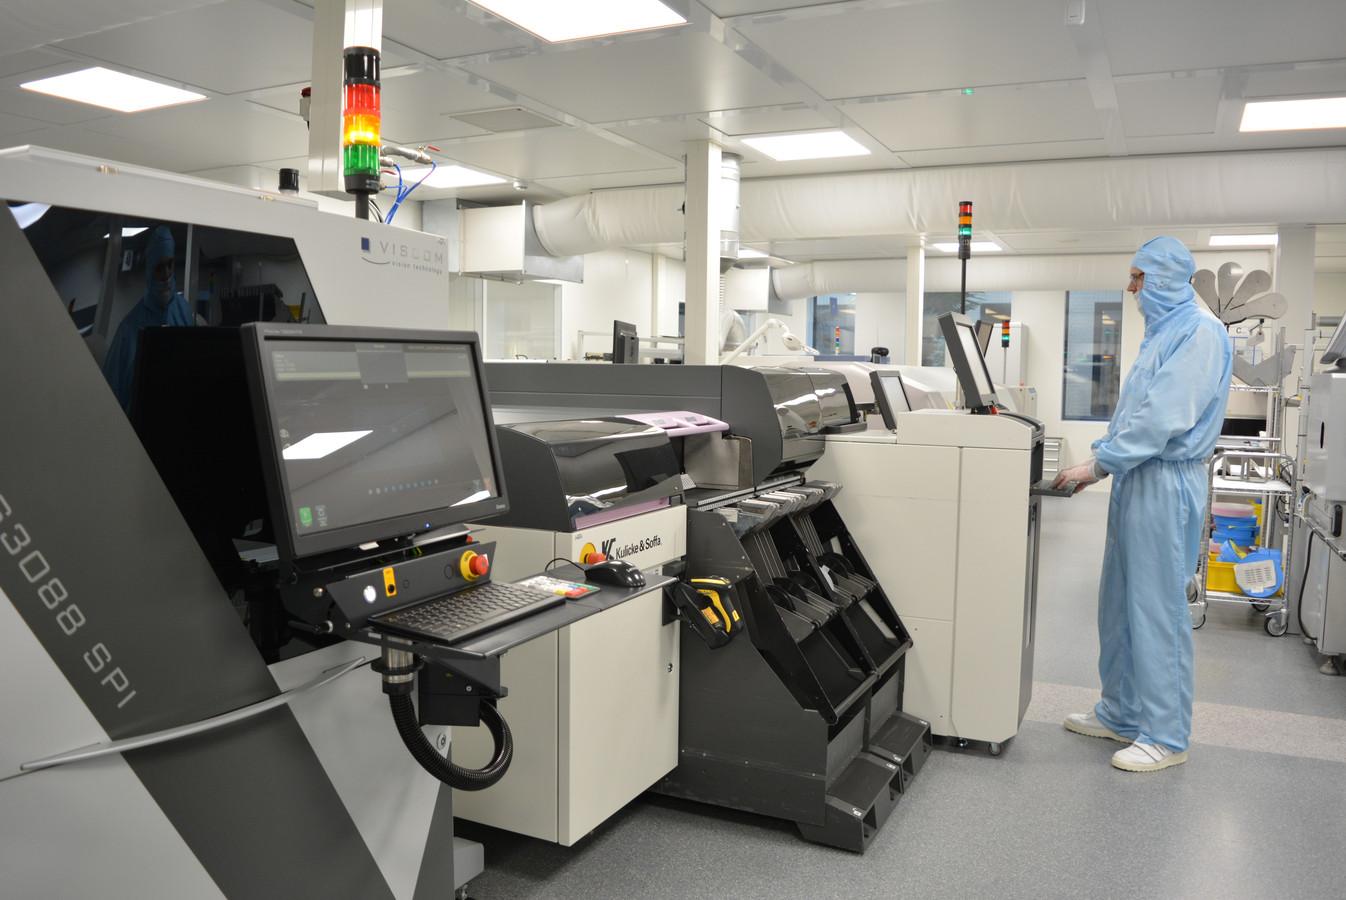 Neways investeerde eerder in een nieuwe vestiging  in Echt met een volautomatische assemblagelijn.